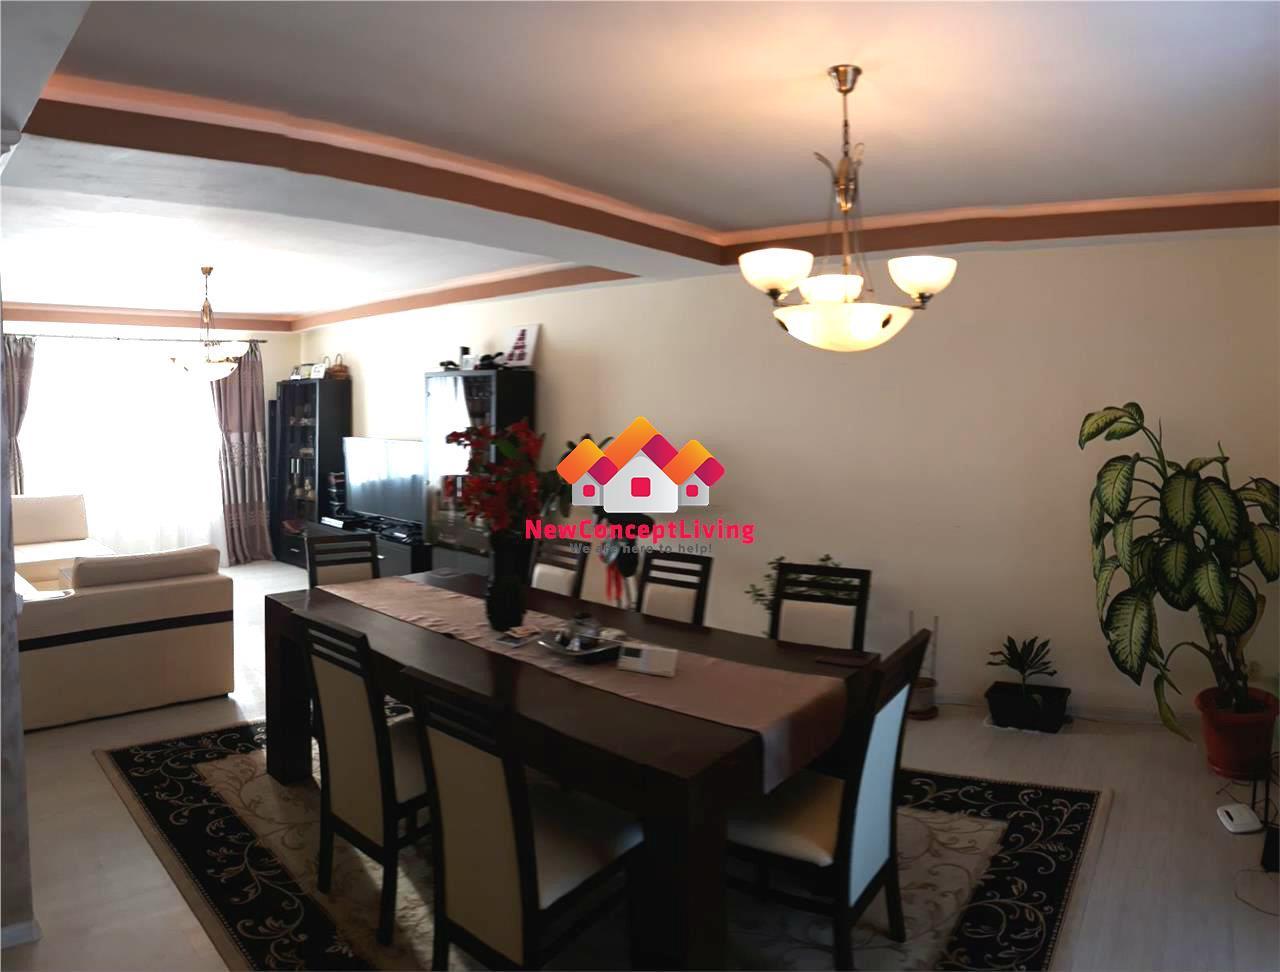 Casa de vanzare in Sibiu -Duplex Intabulat -4 camere și curte 840 mp-